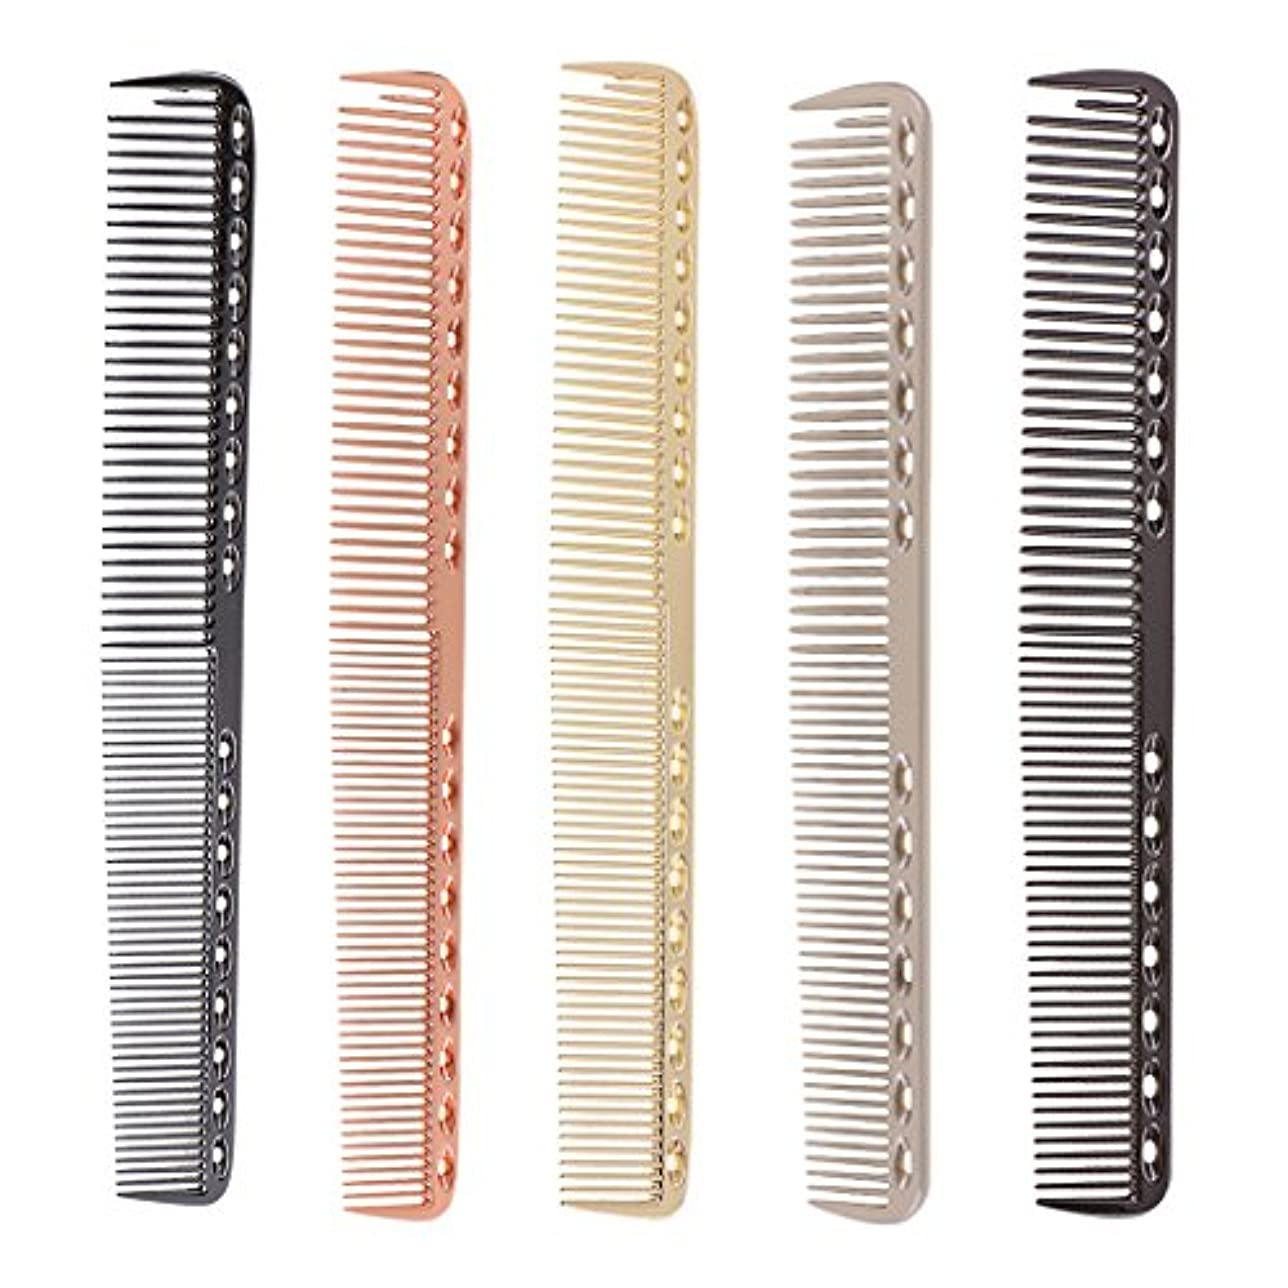 ポンペイ漏れ指5個入り 髪の櫛 櫛 超軽量 アルミ サロン 理髪師 ヘアカット ヘアカッティング